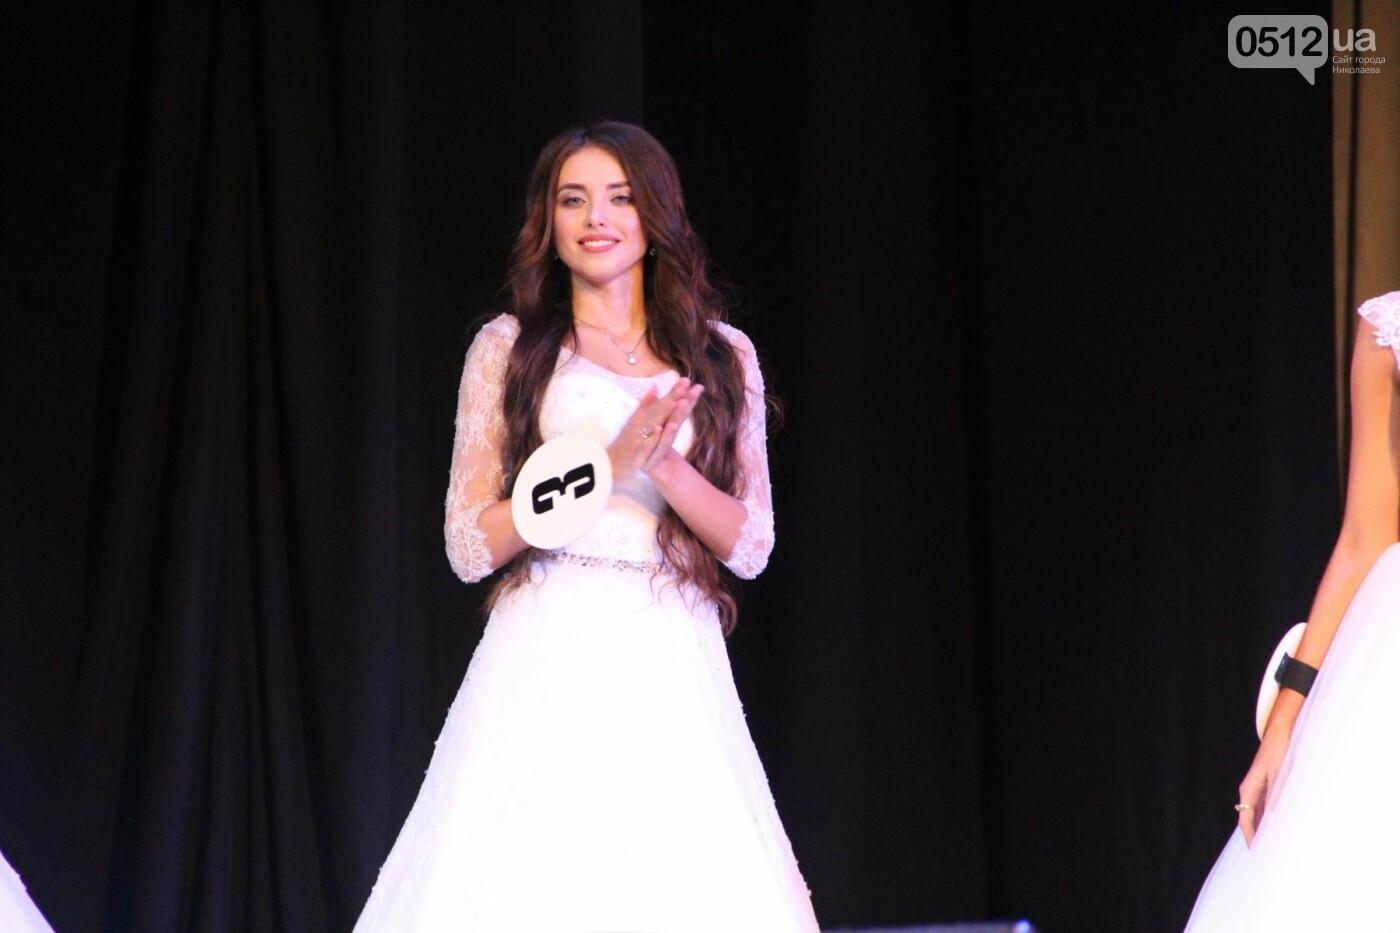 В Николаеве на конкурсе «Miss Top model Ukraine» выбрали самую красивую модель в Украине, - ФОТО, фото-29